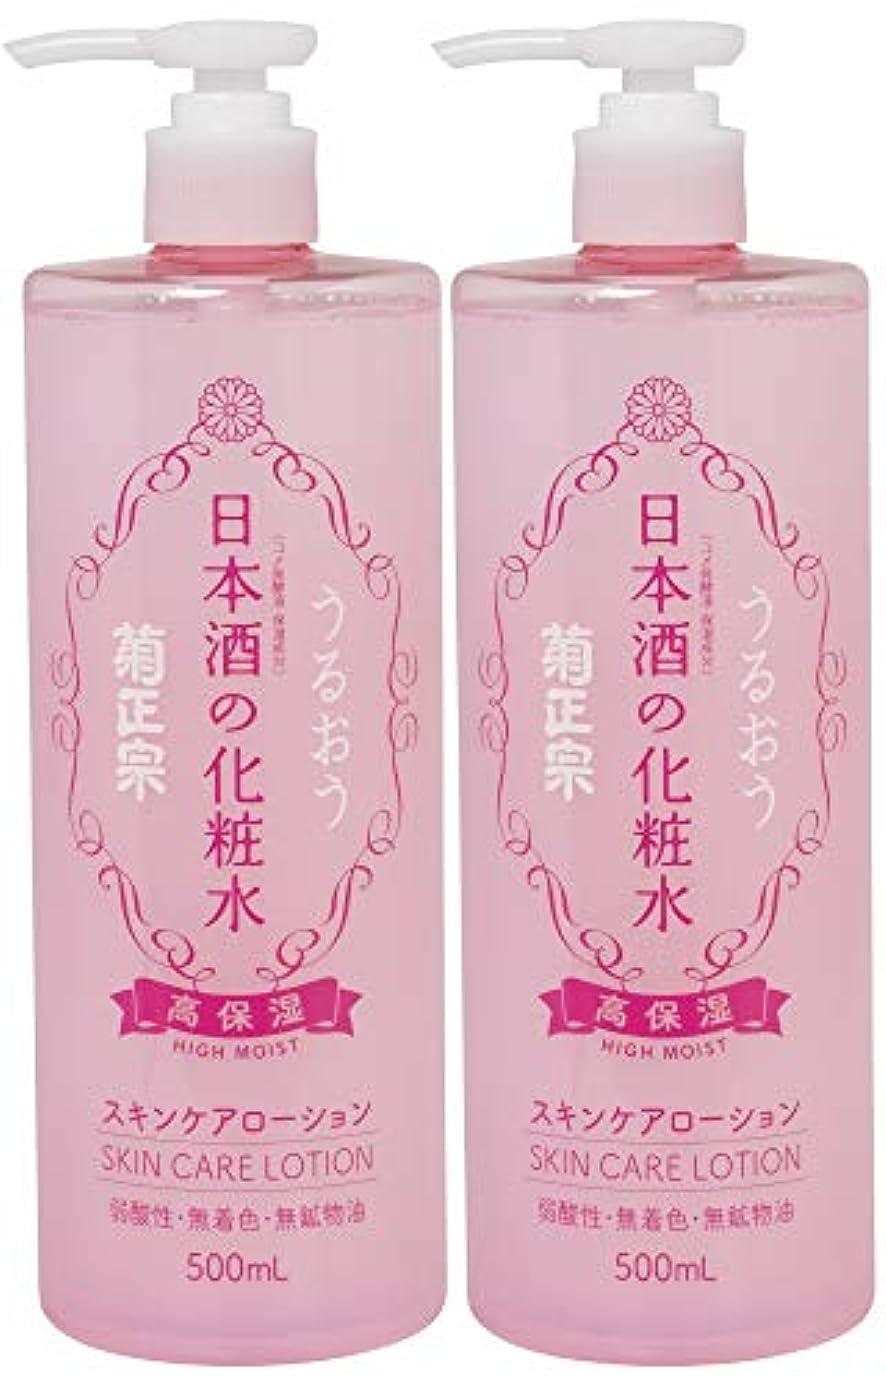 しなやかな寛解スカイ菊正宗 日本酒の化粧水 高保湿 500ml×2個